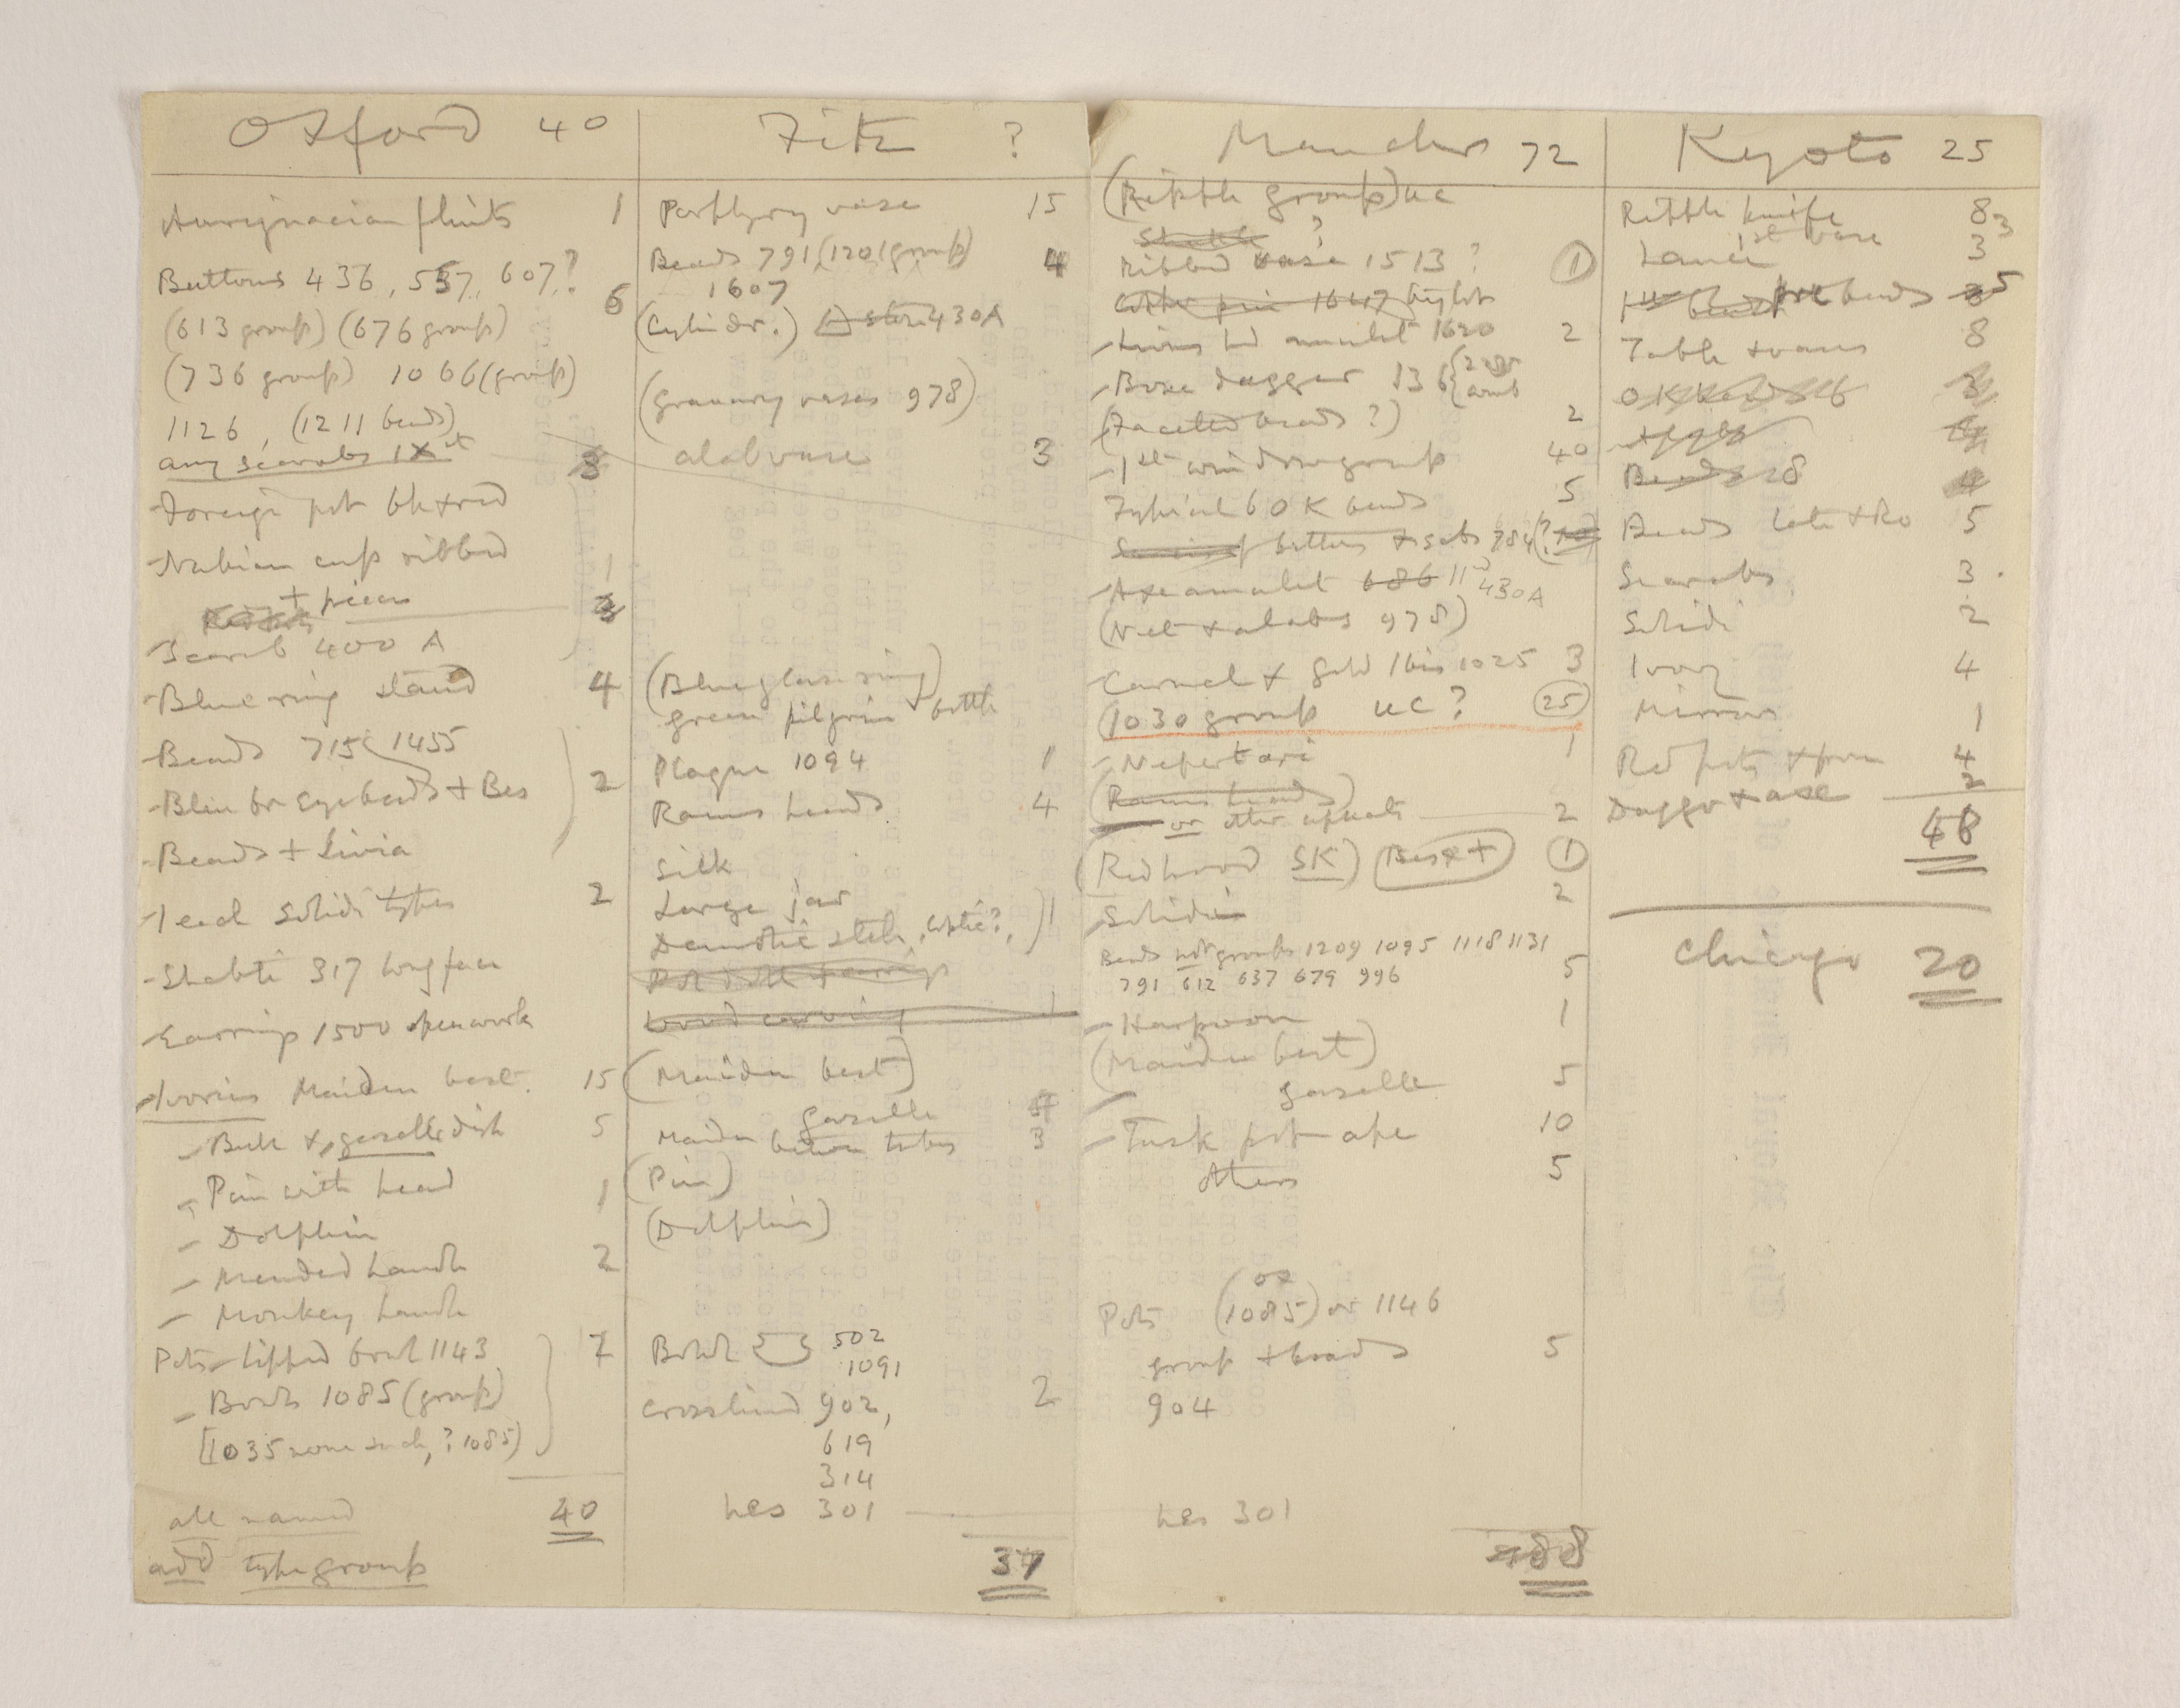 1922-23 Qau el-Kebir Multiple institution list PMA/WFP1/D/26/35.1